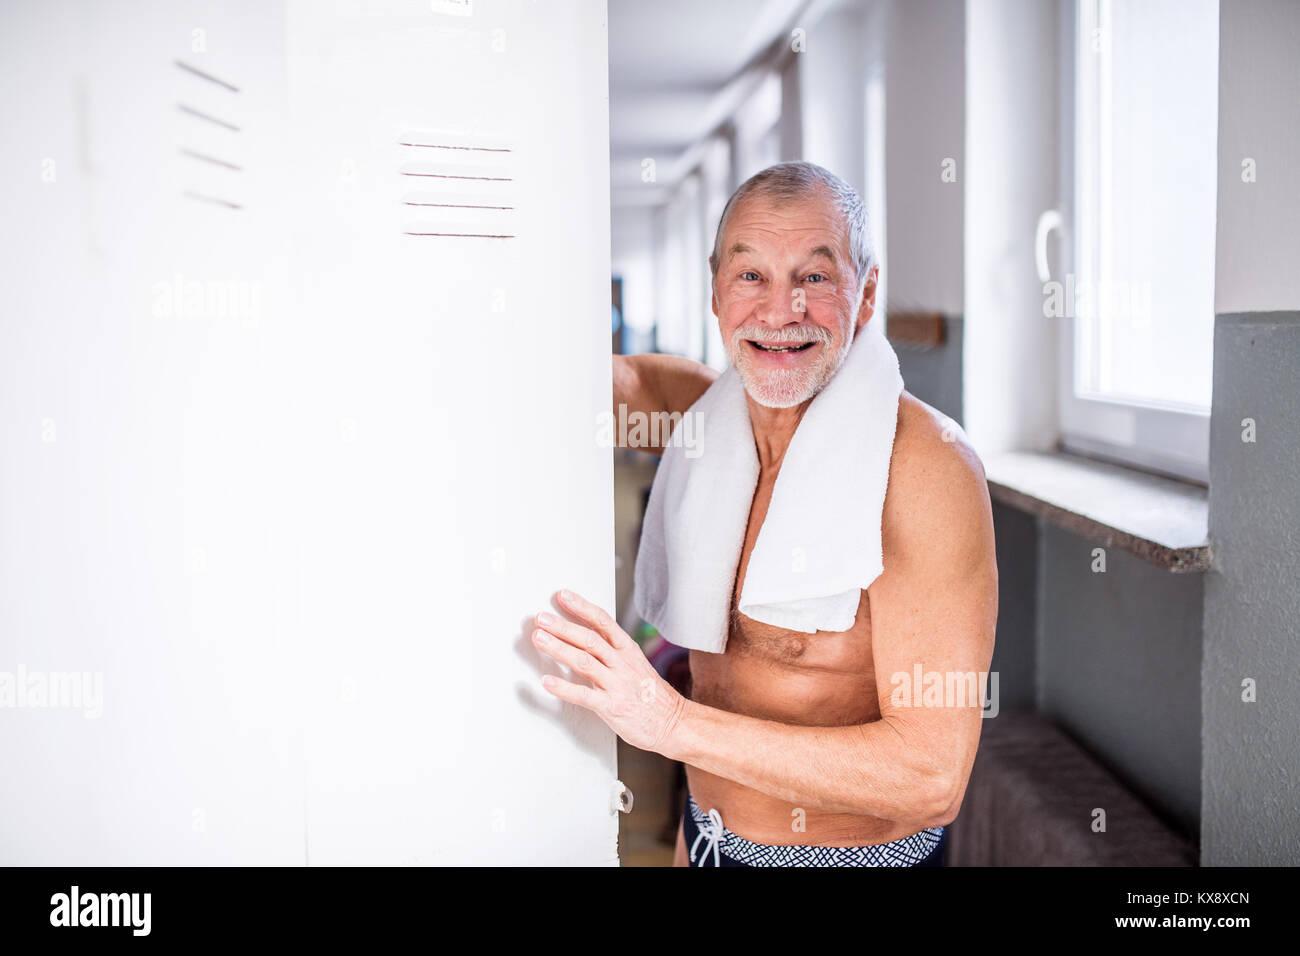 Senior man standing dagli armadietti in una piscina al coperto. Immagini Stock